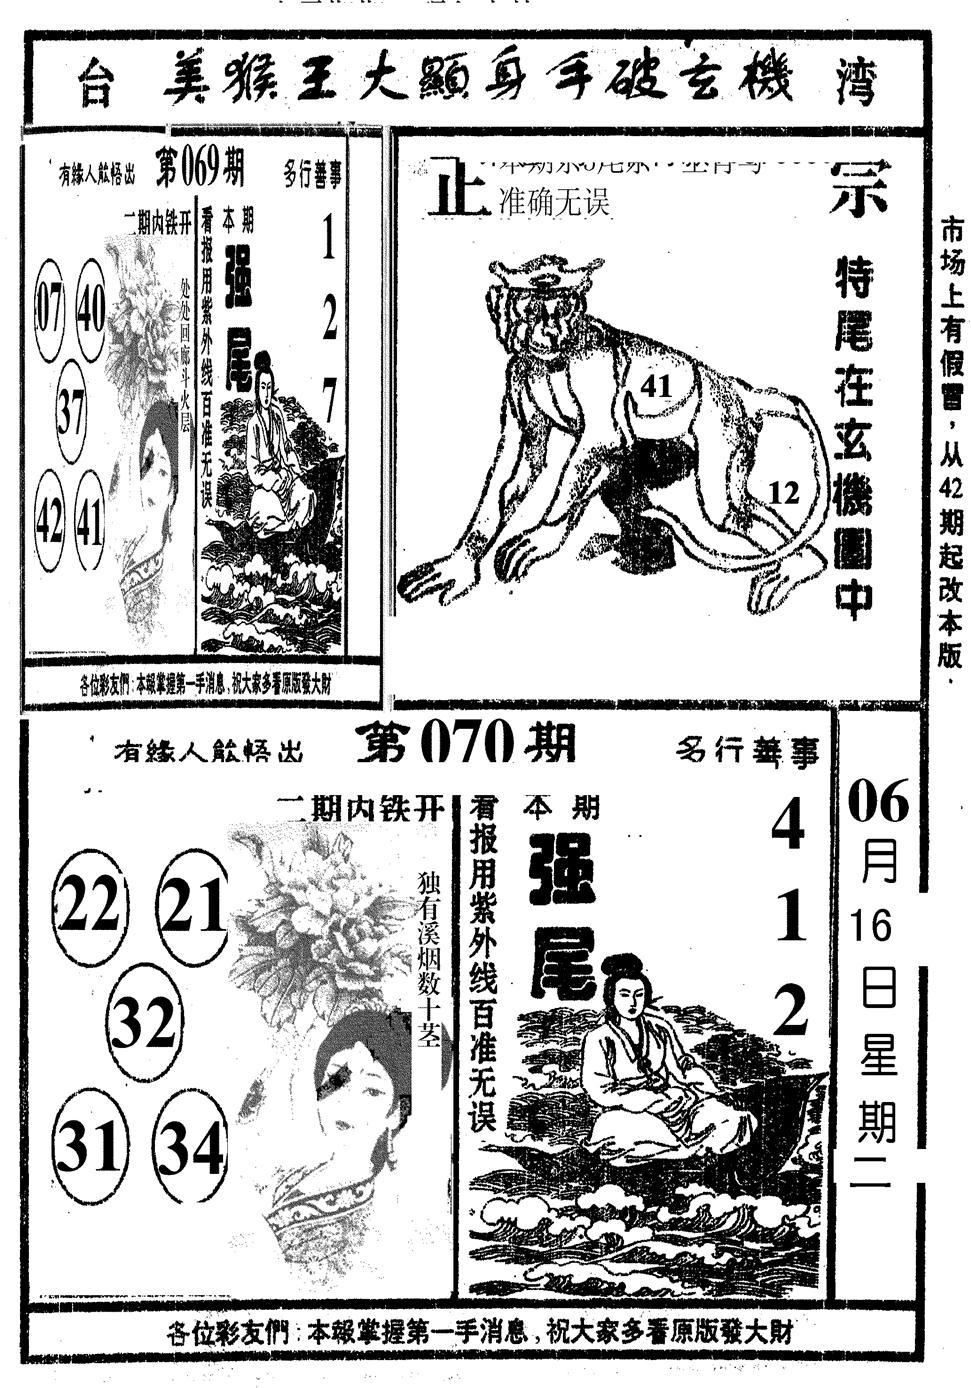 070期美猴王(黑白)